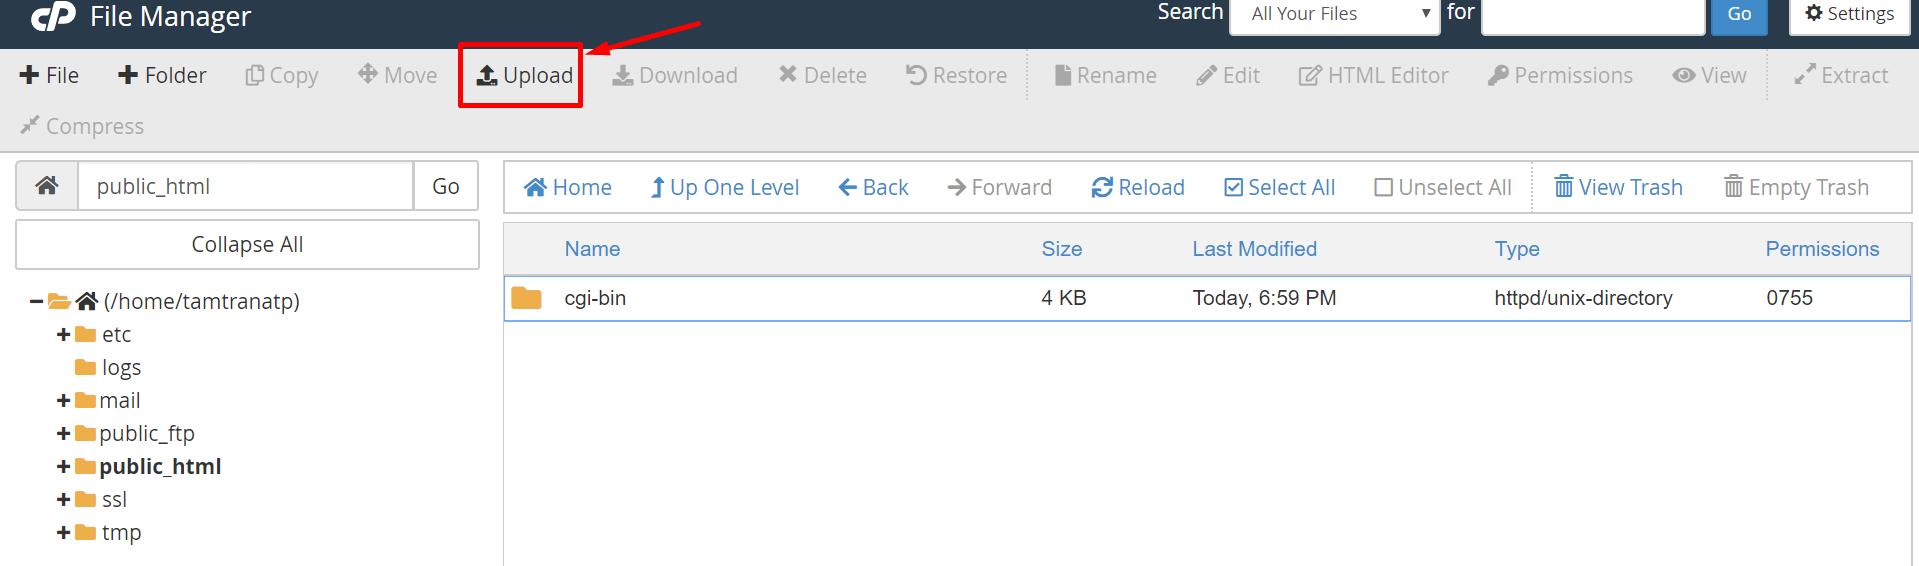 Screenshot 3 - Hướng dẫn tự thiết kế website không cần dùng code cho người mới bắt đầu từ A-Z